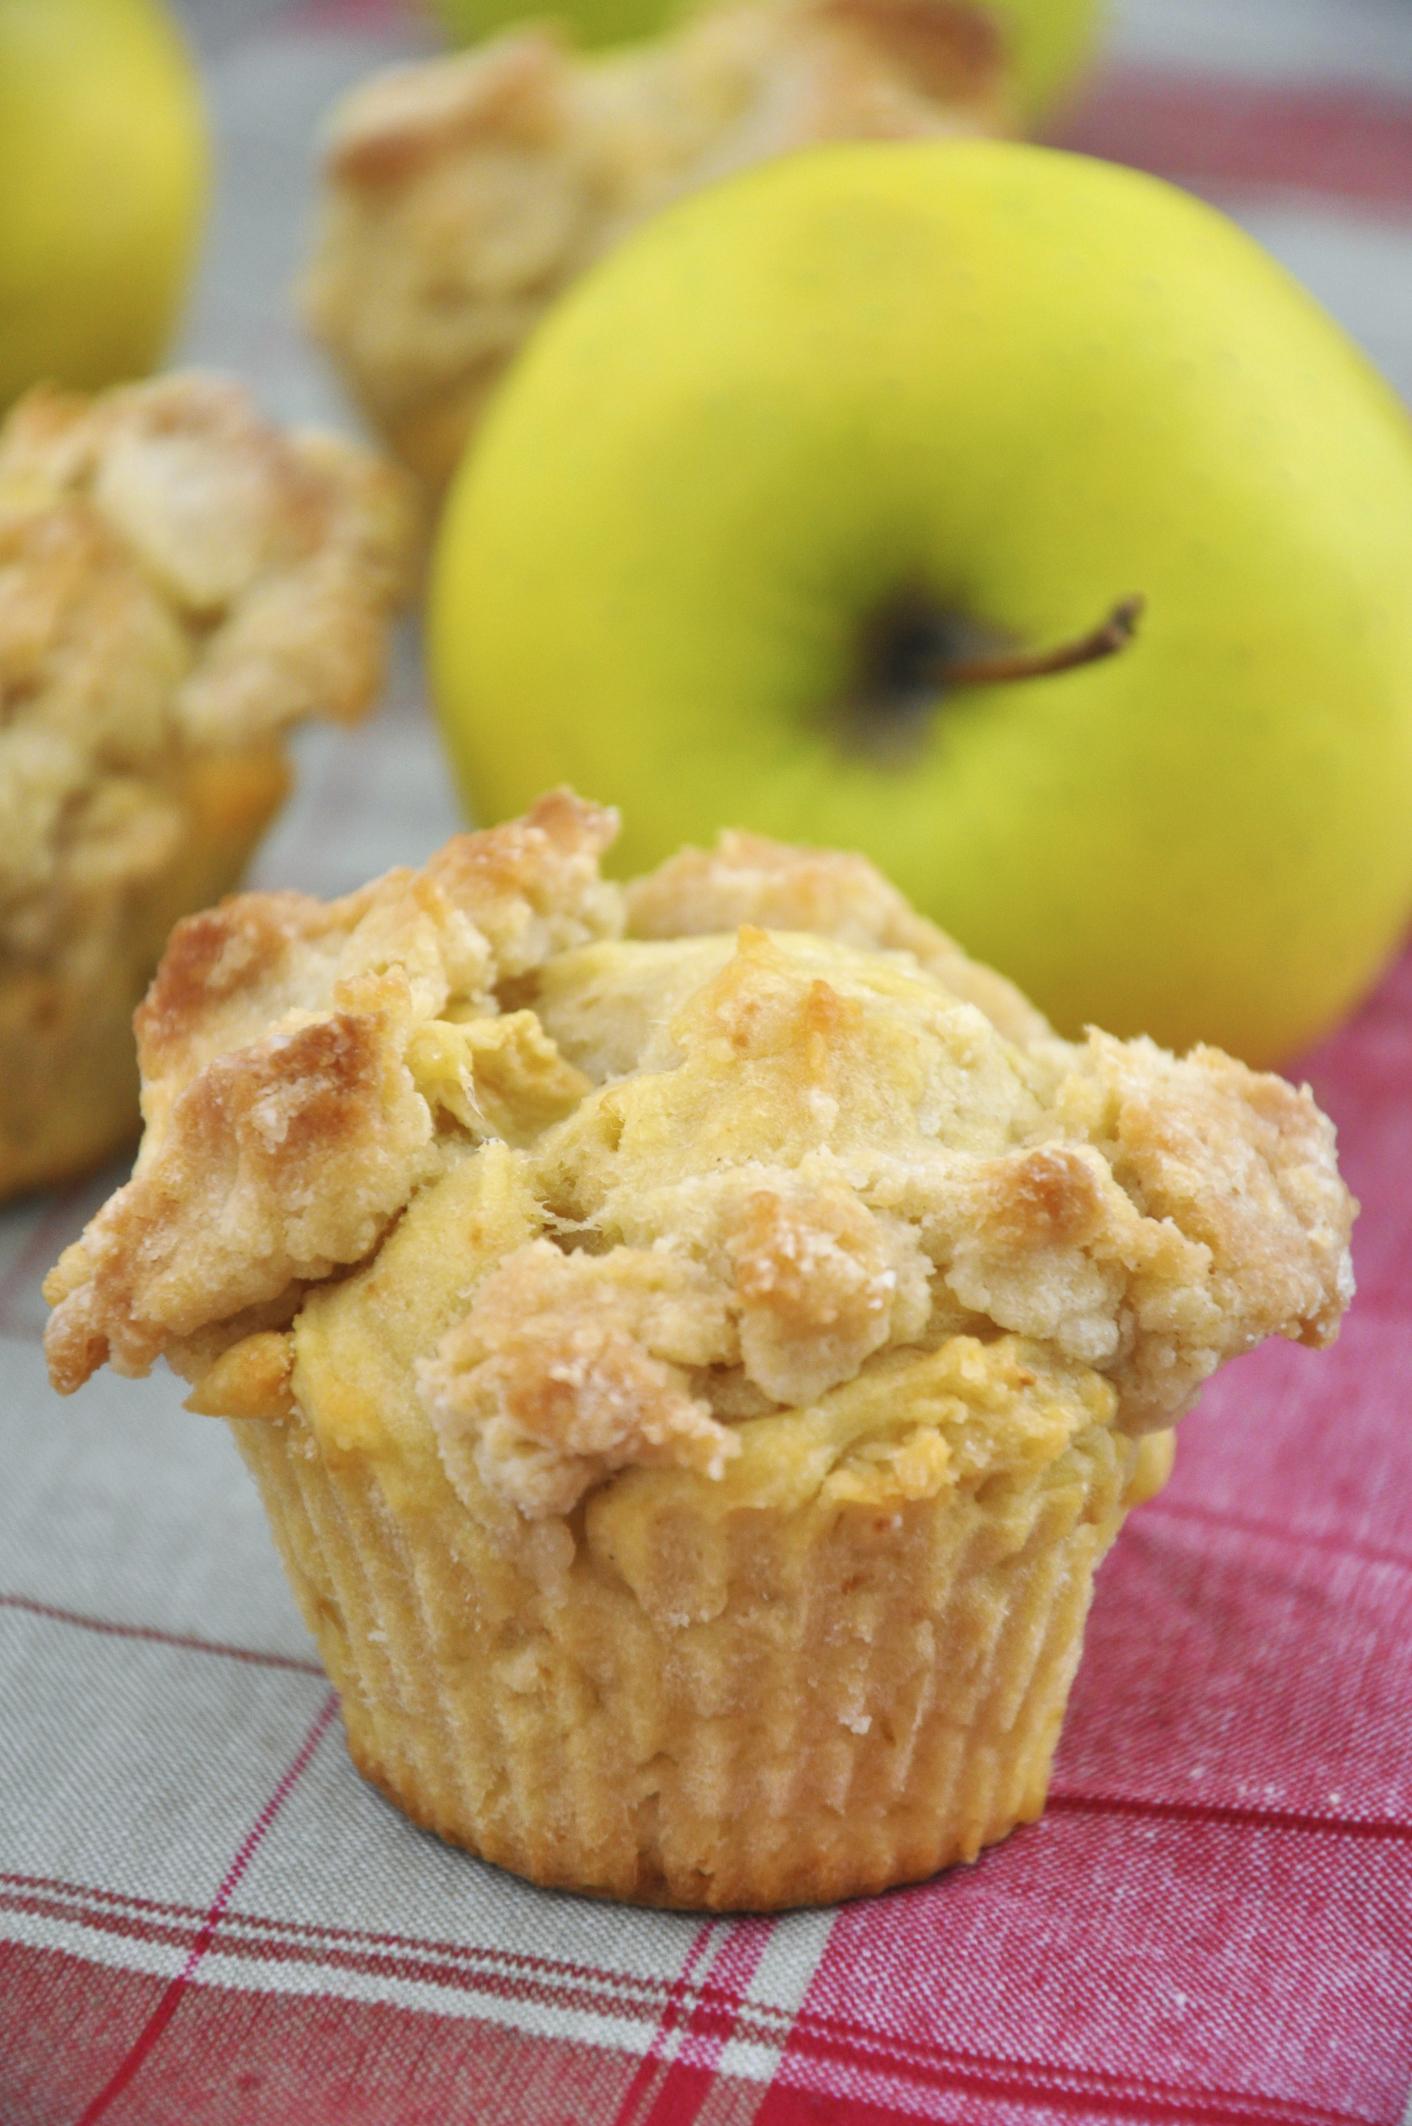 Muffin con crumble de manzana